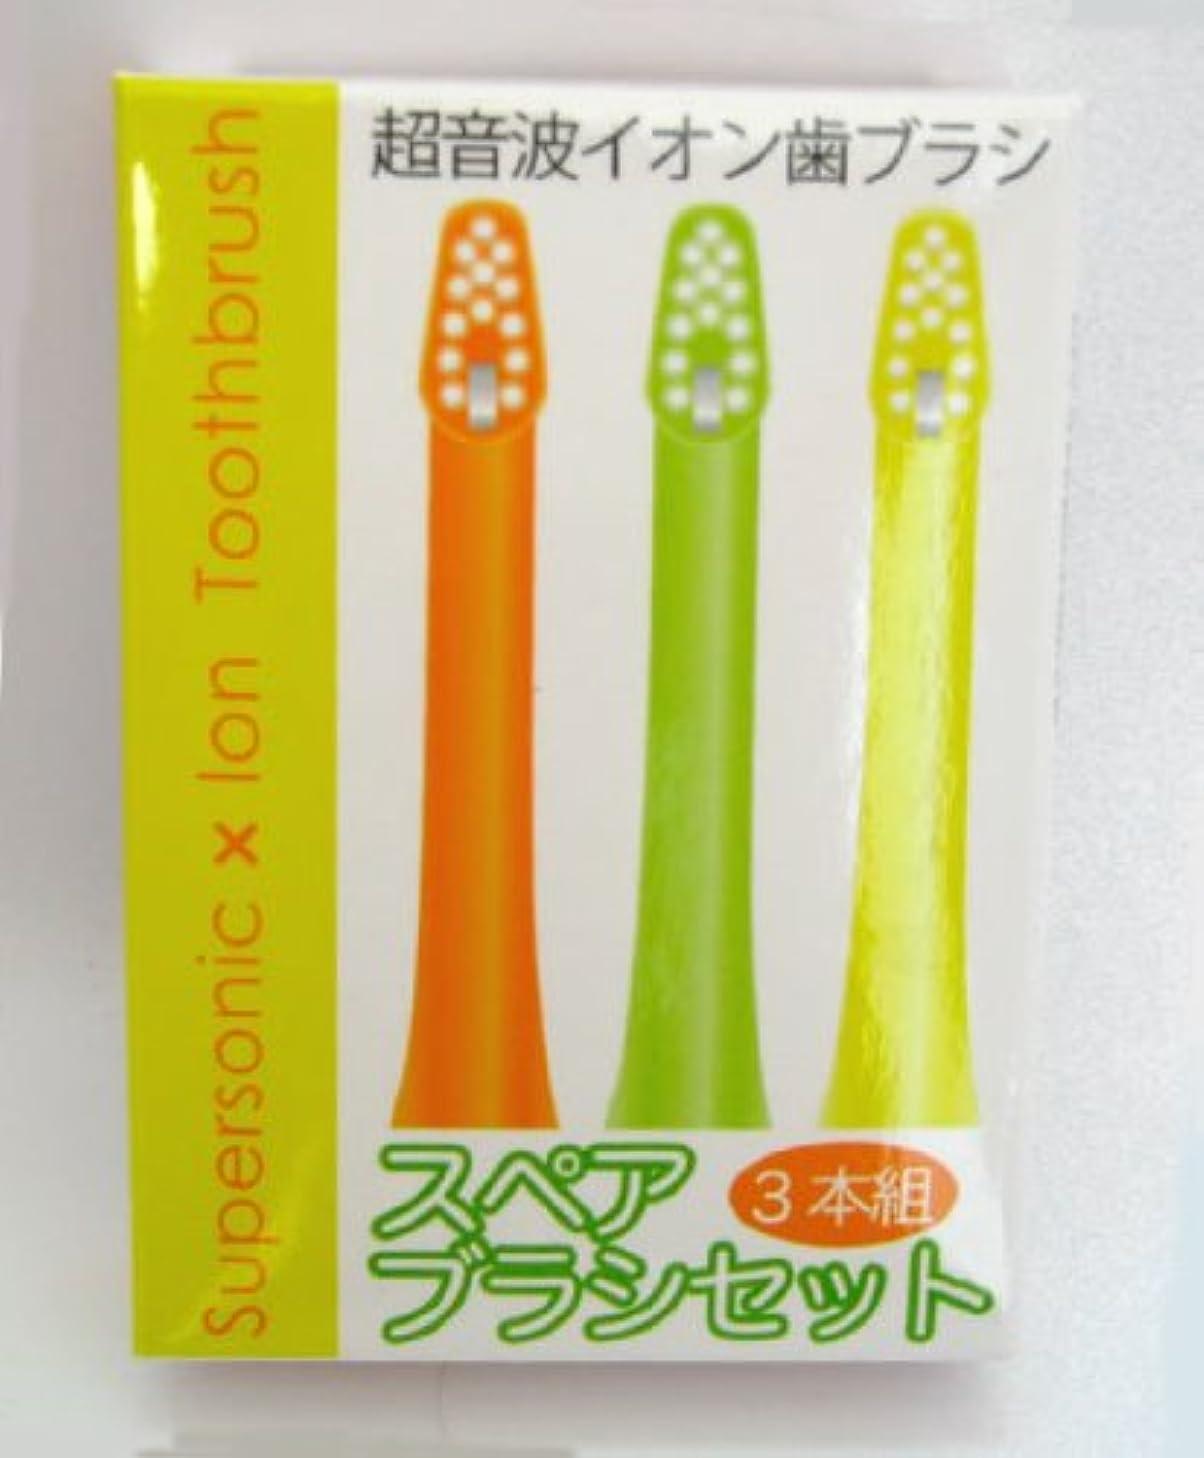 毎回コレクション一定超音波イオン歯ブラシ専用スペアブラシ3本セット(交換用ブラシ)